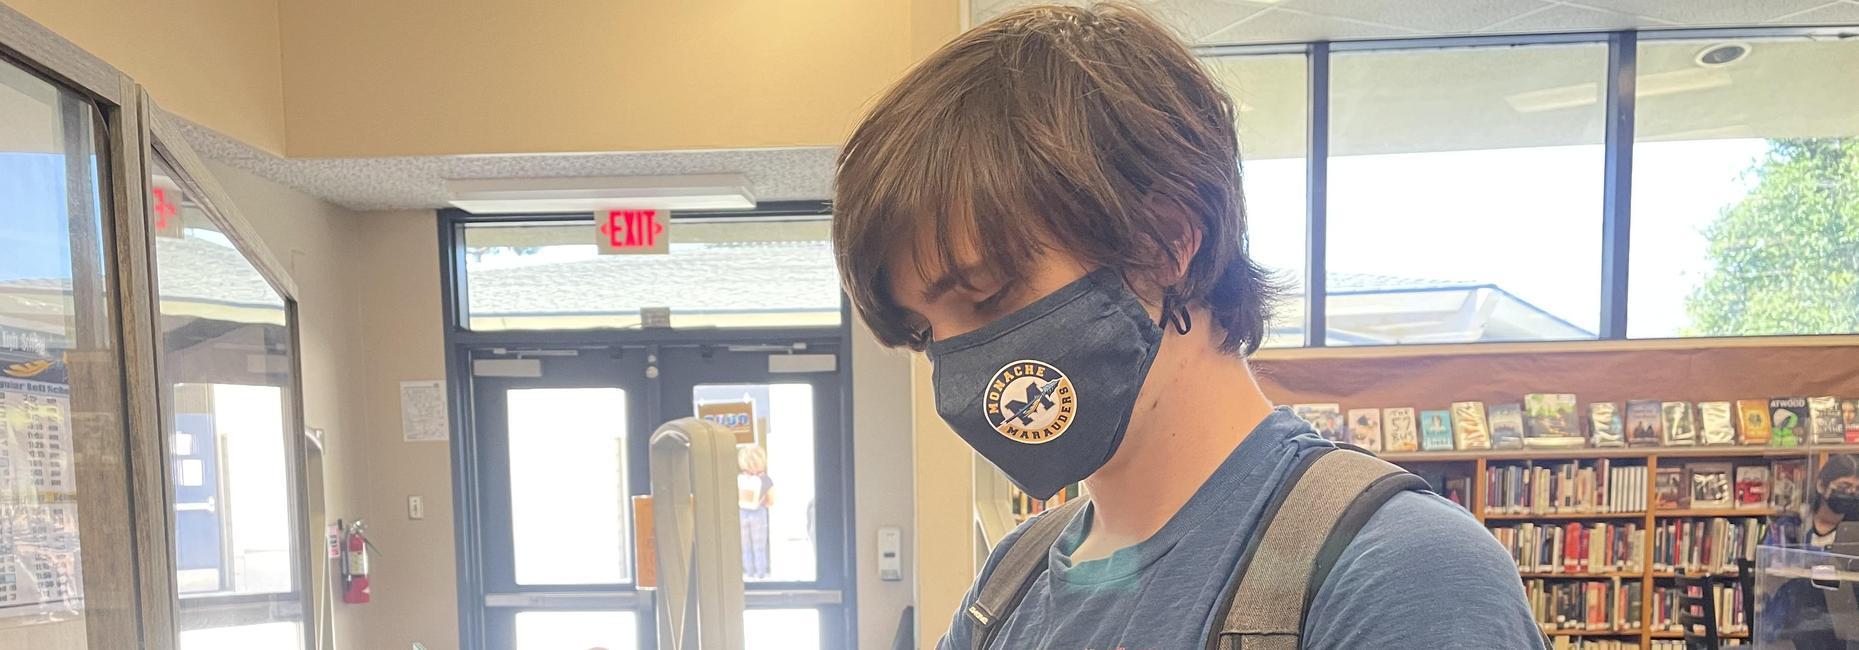 MHS Face mask